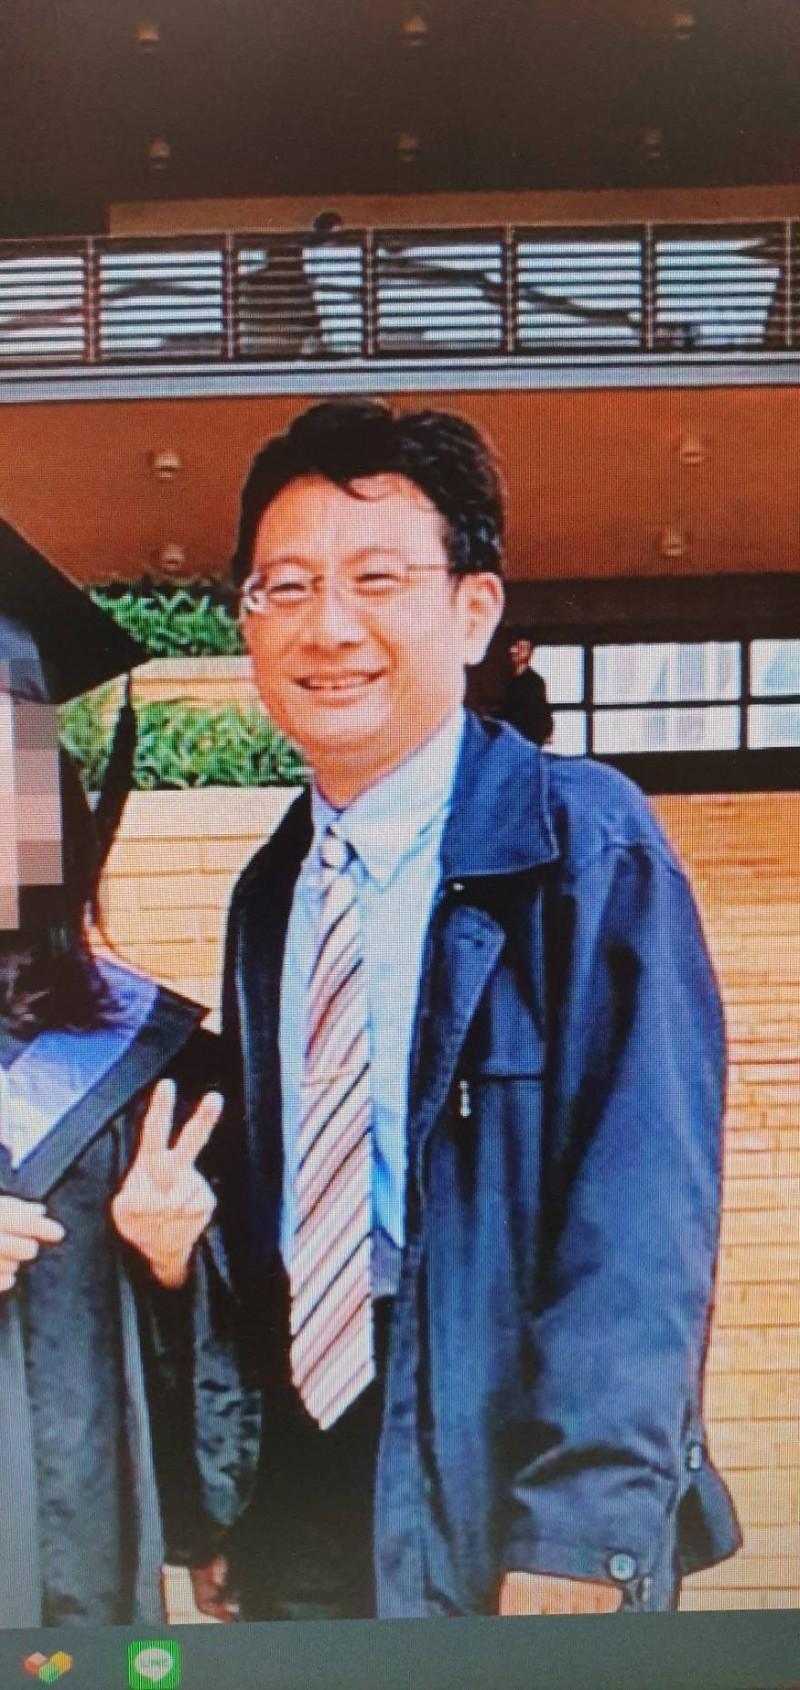 新竹地院庭長吳振富被檢舉將助理當家僕。(取自臉書)